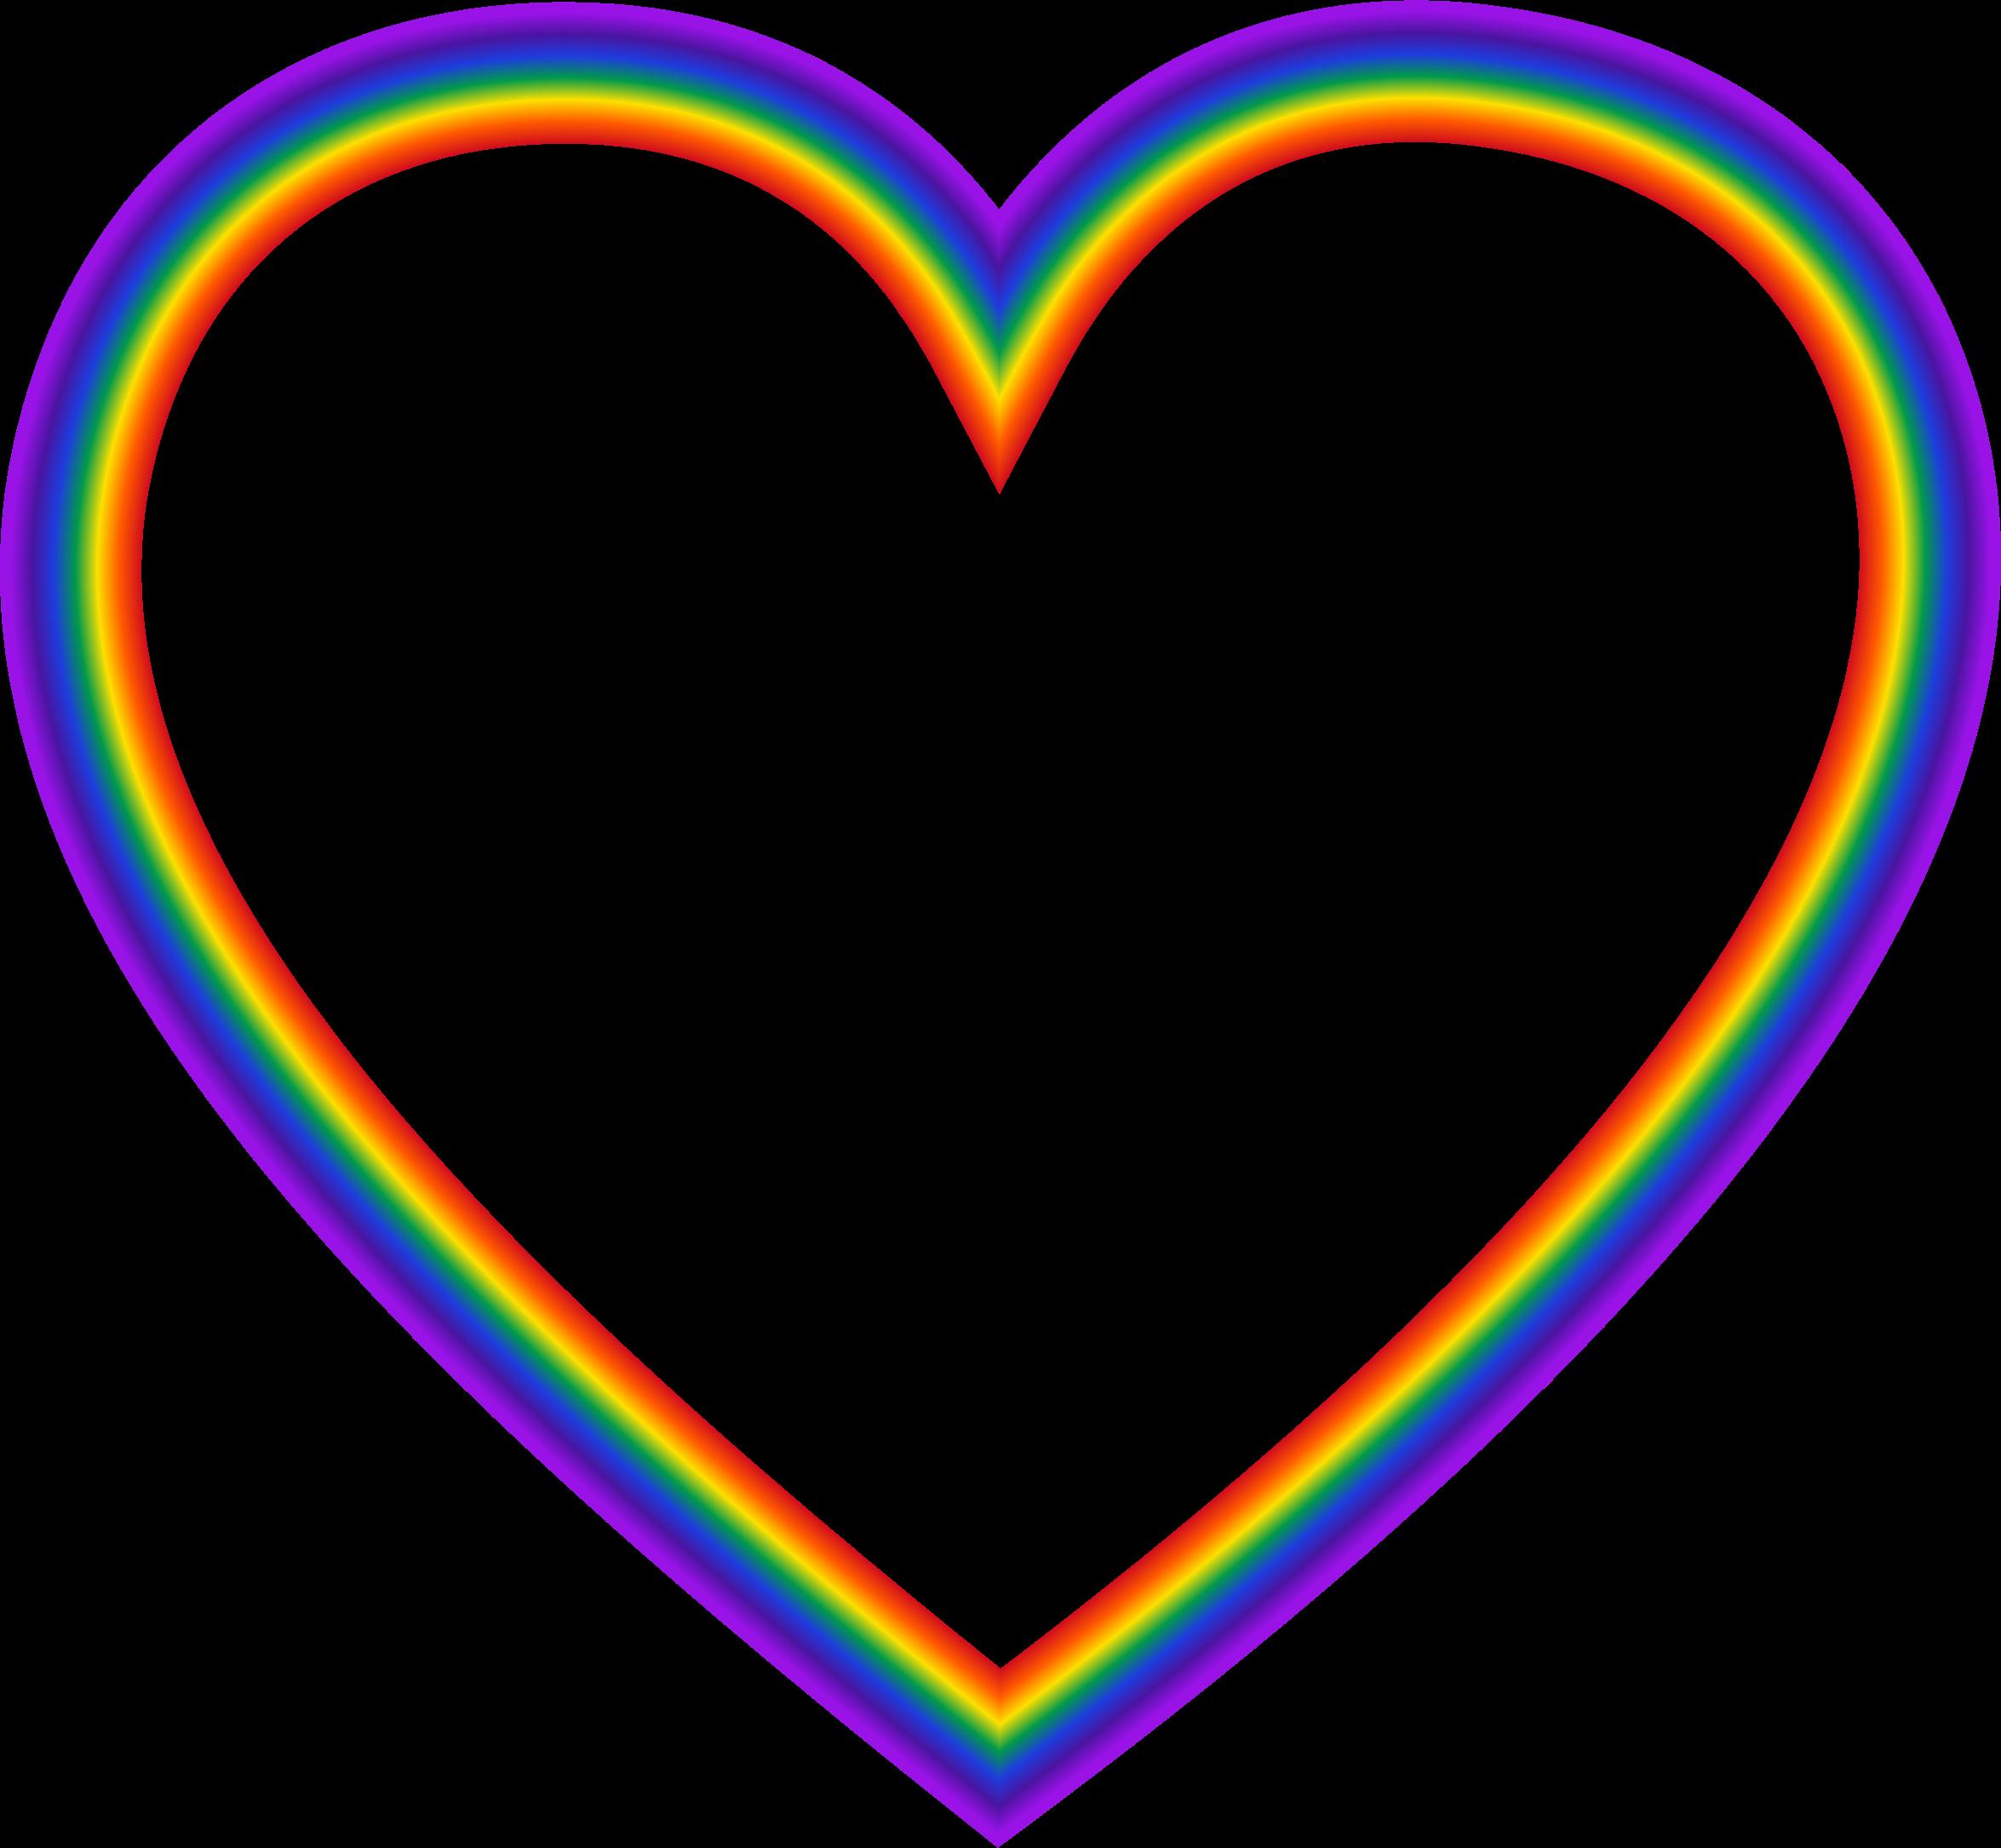 Clipart - Rainbow Heart